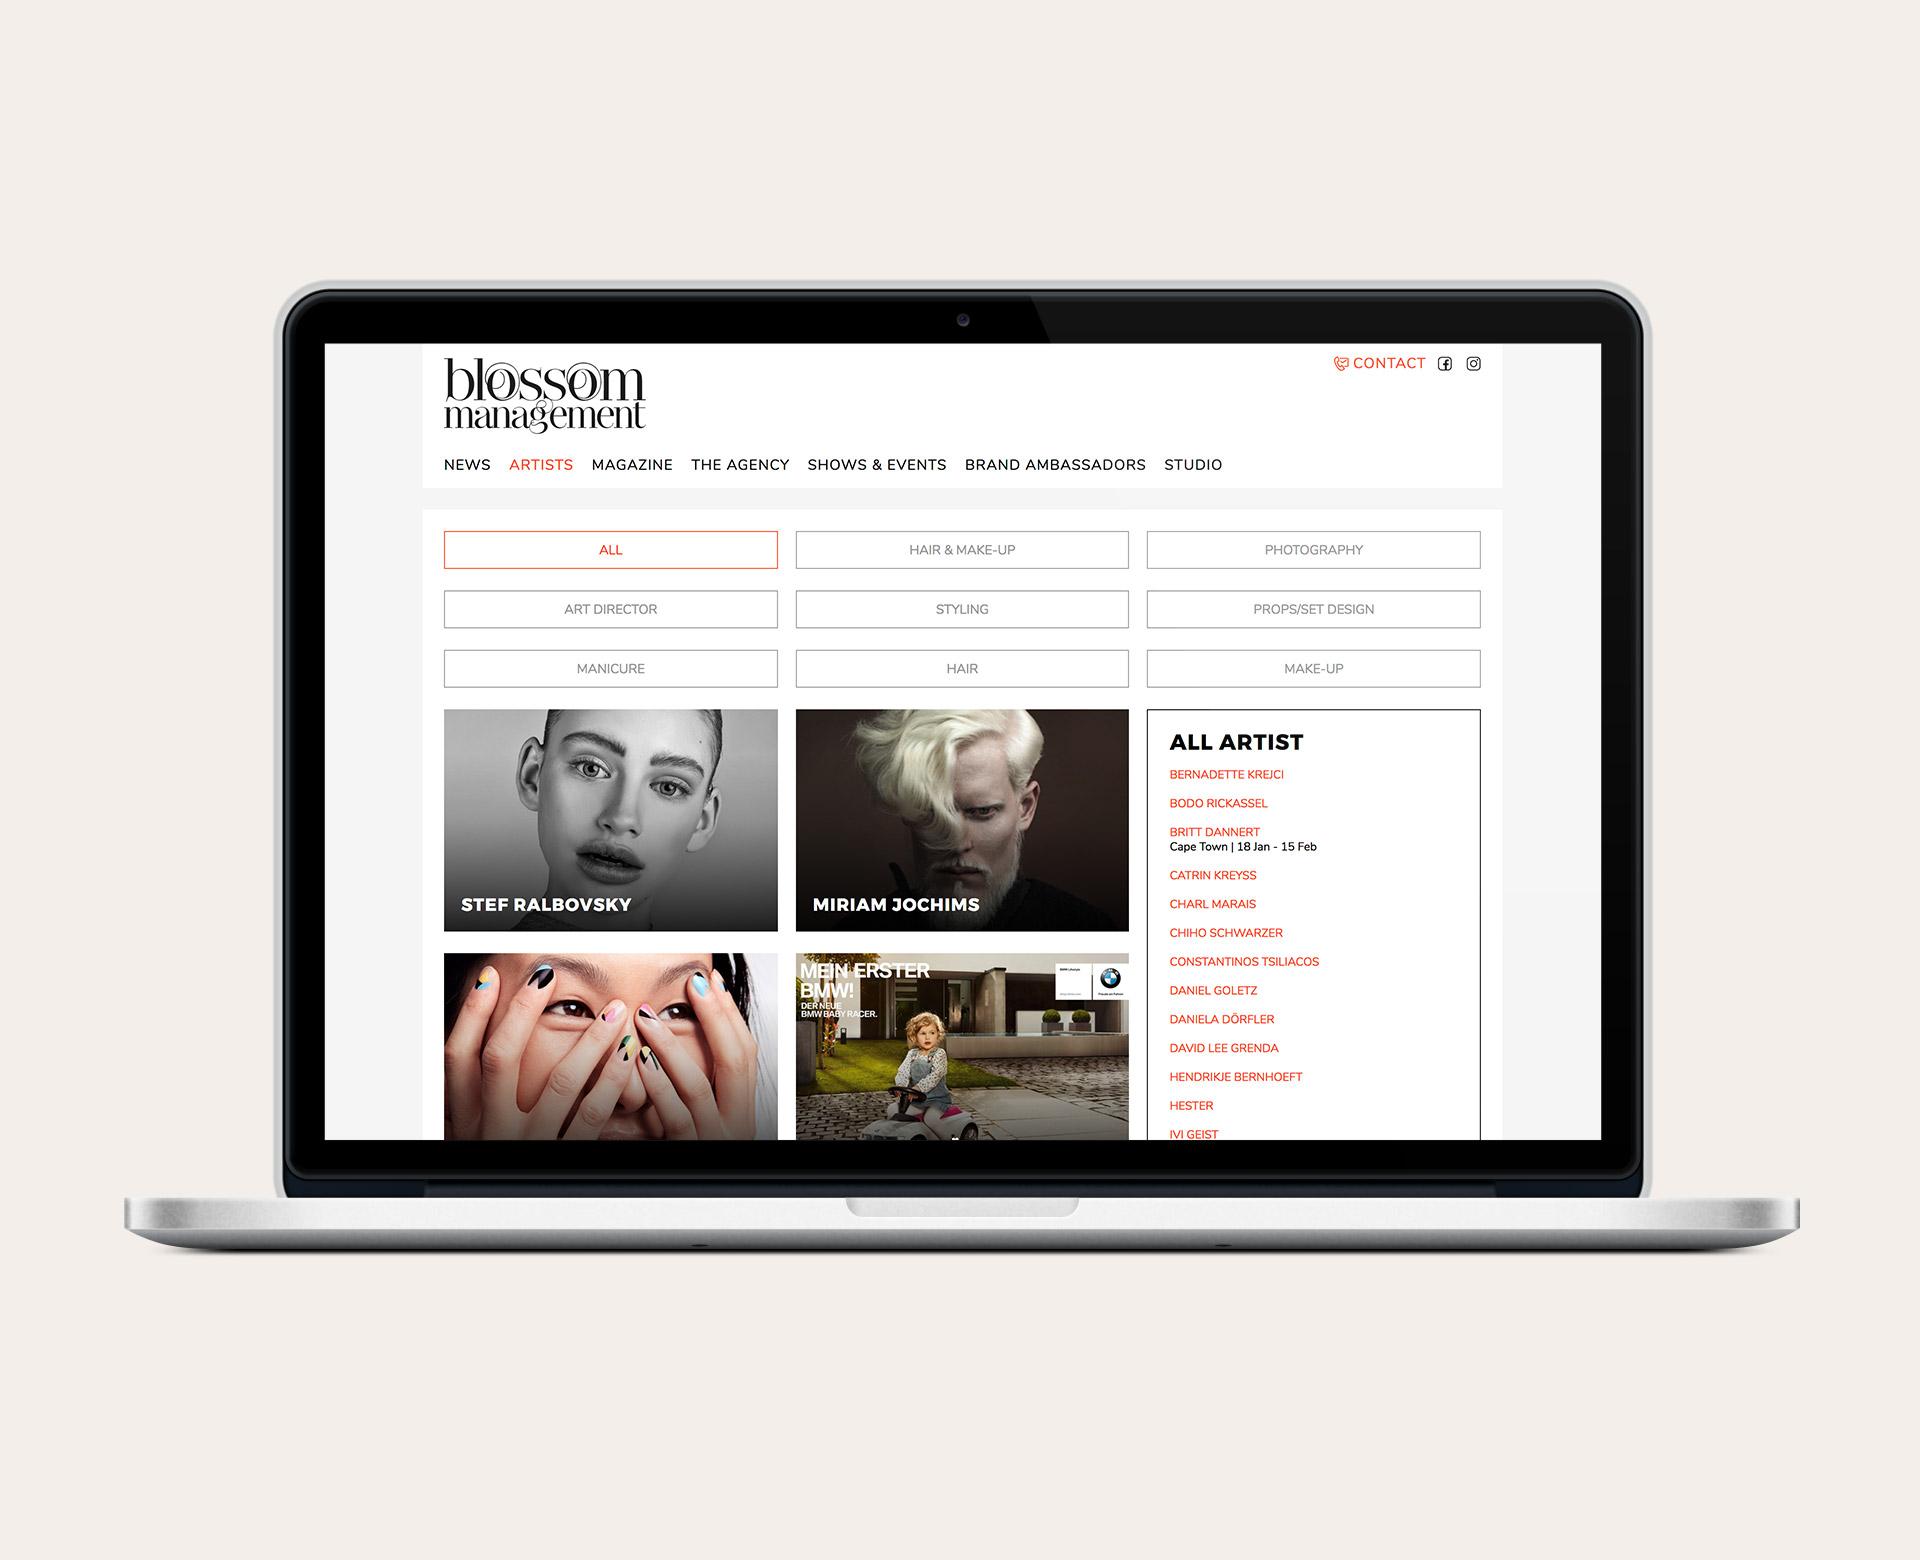 Übersichtsseite der Artists von Blossom Management nach dem Website-Relaunch